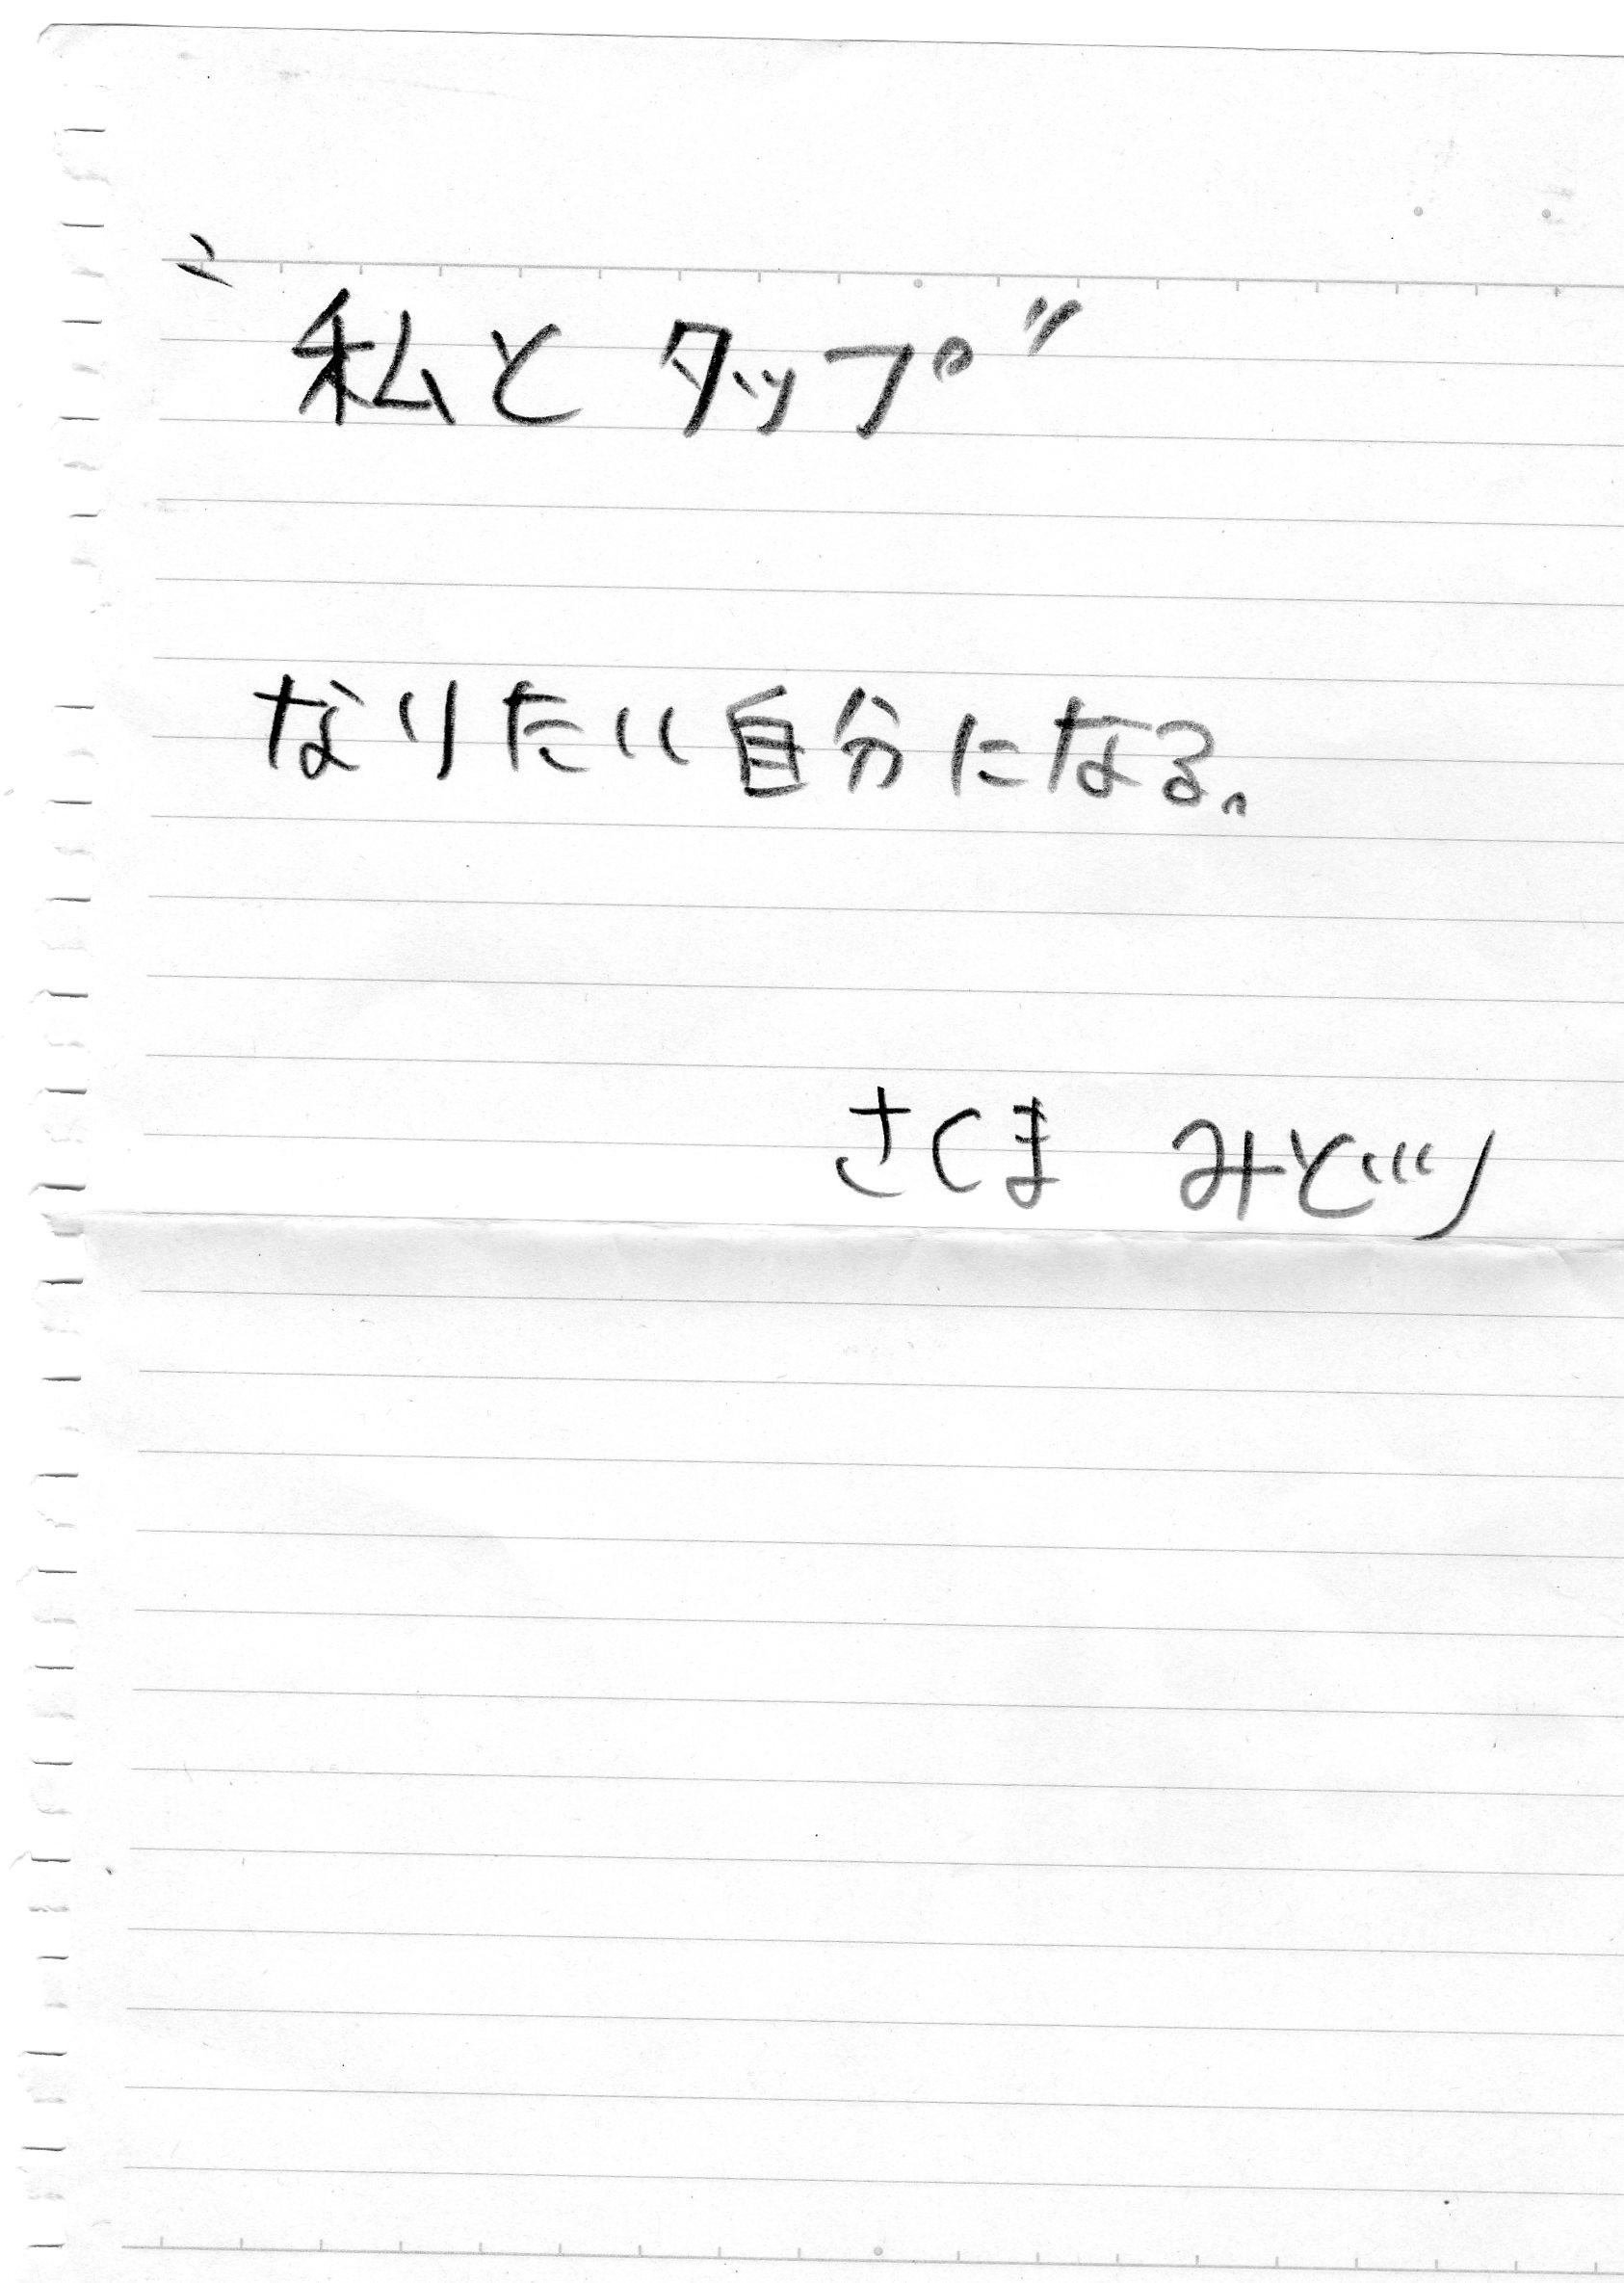 b0193841_21385340.jpg